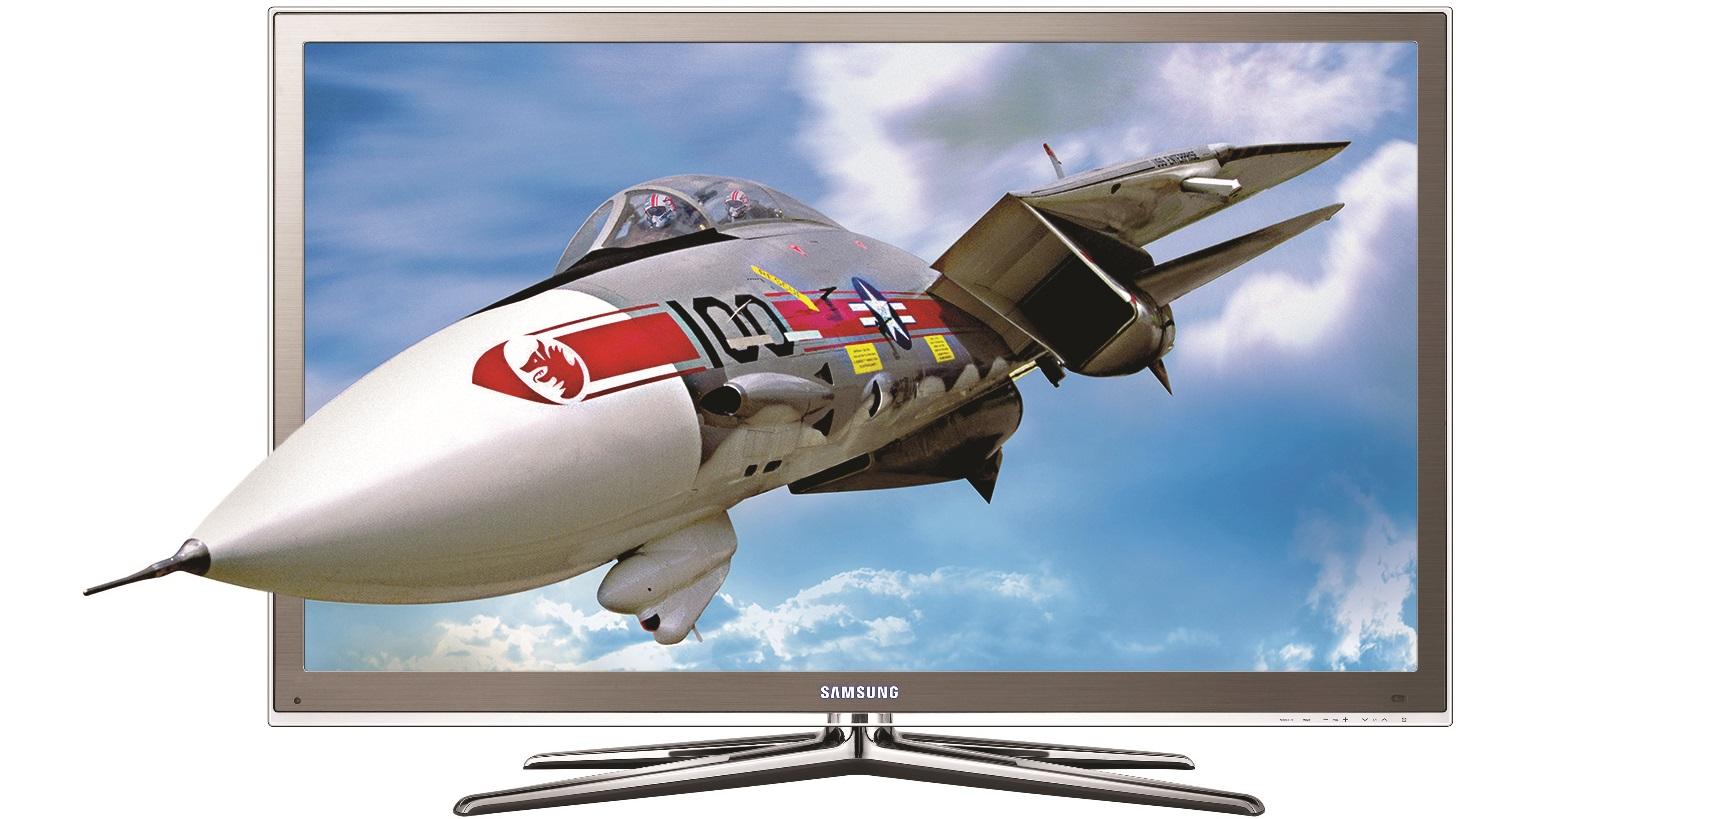 Samsung y Philips abandonan el mercado de los televisores 3D